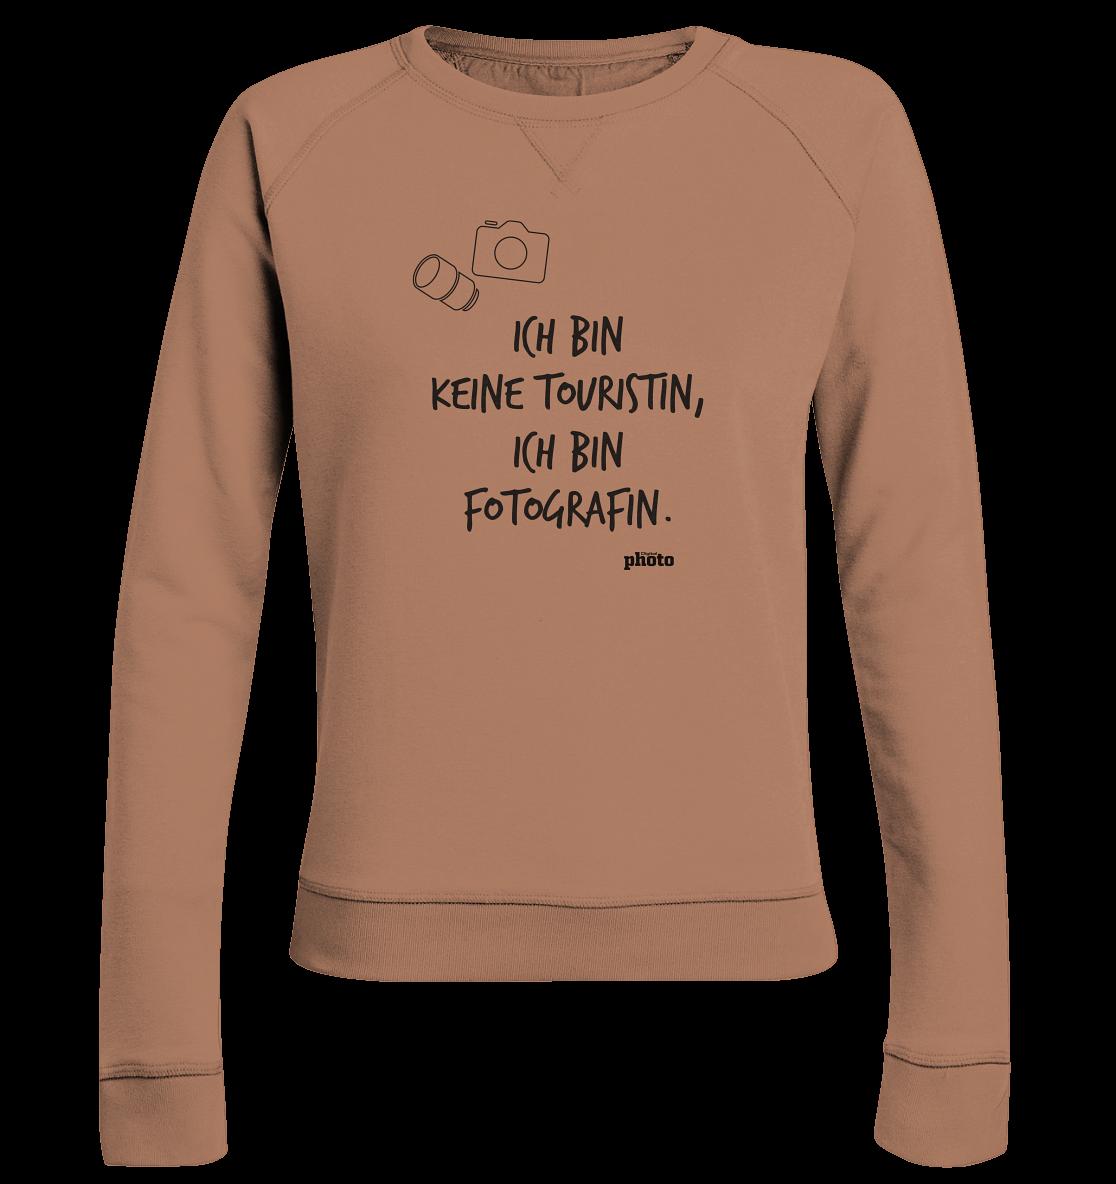 Ich bin keine Touristin - Ladies Organic Sweatshirt